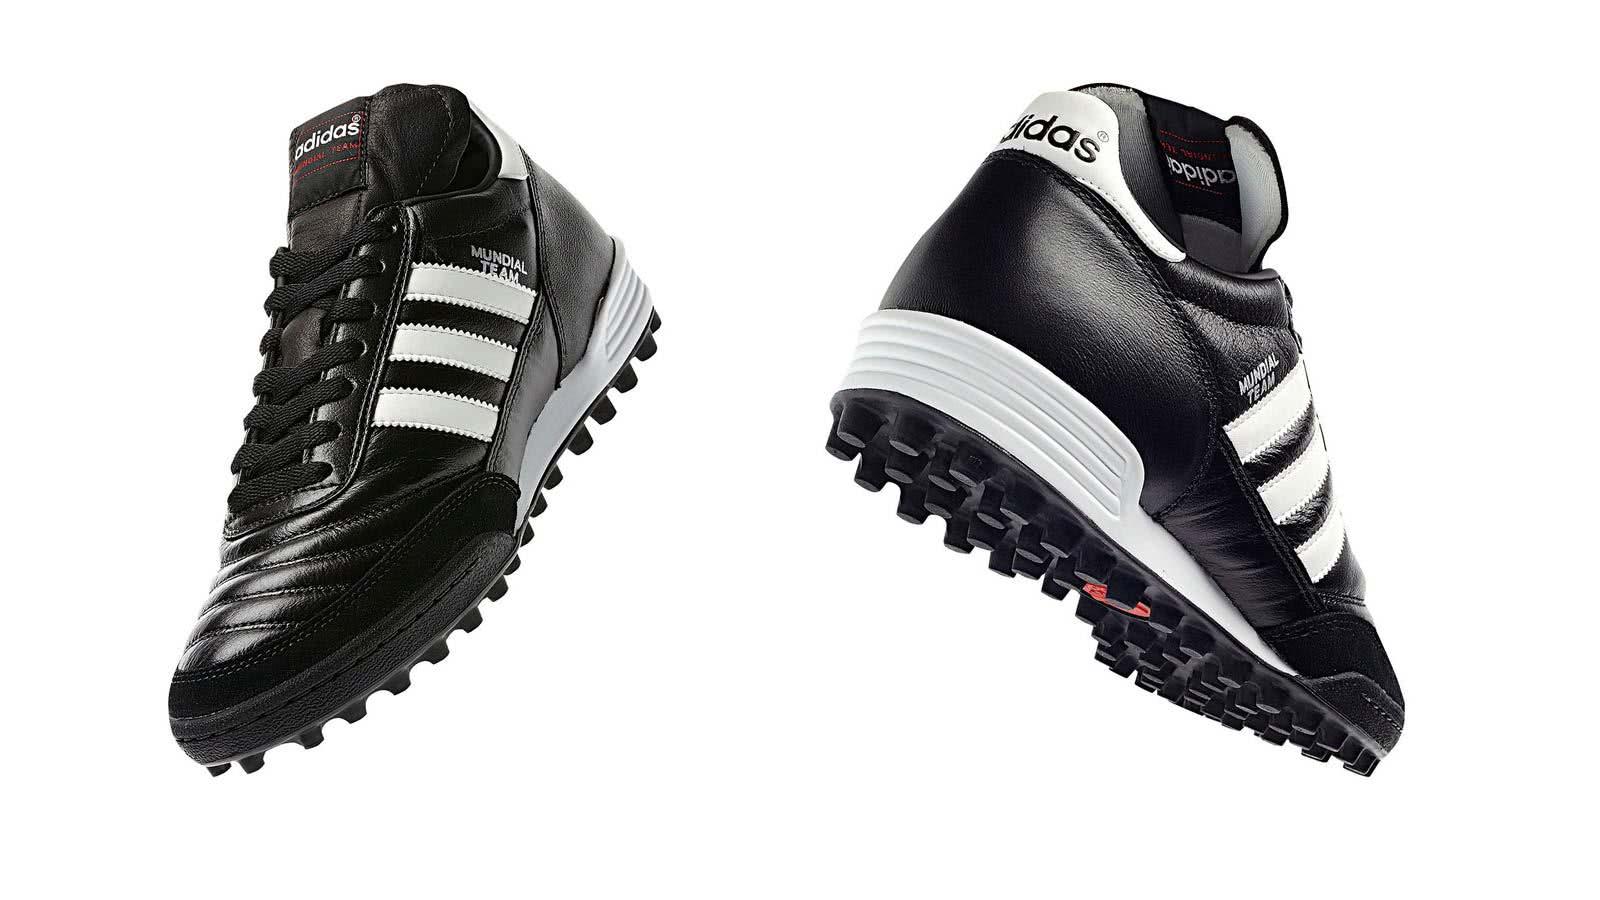 Welche Fußballschuhe darfst du auf dem Kunstrasen tragen?